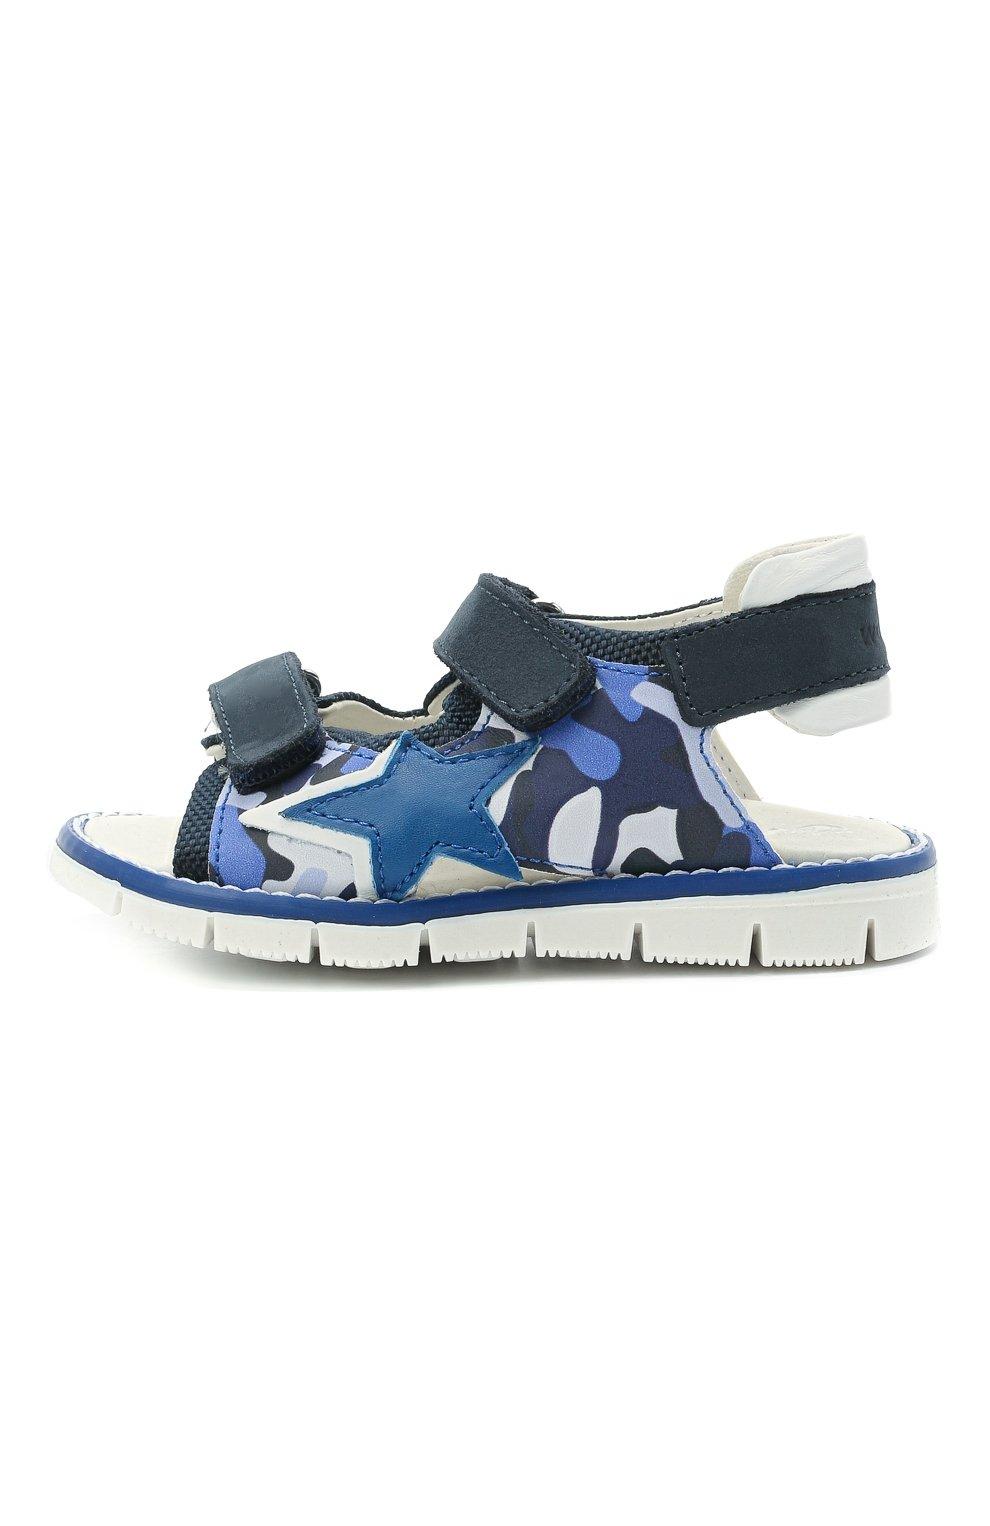 Детские сандалии WALKEY синего цвета, арт. Y1B2-41313-1209/19-24 | Фото 2 (Материал внешний: Экокожа, Текстиль; Материал внутренний: Натуральная кожа)